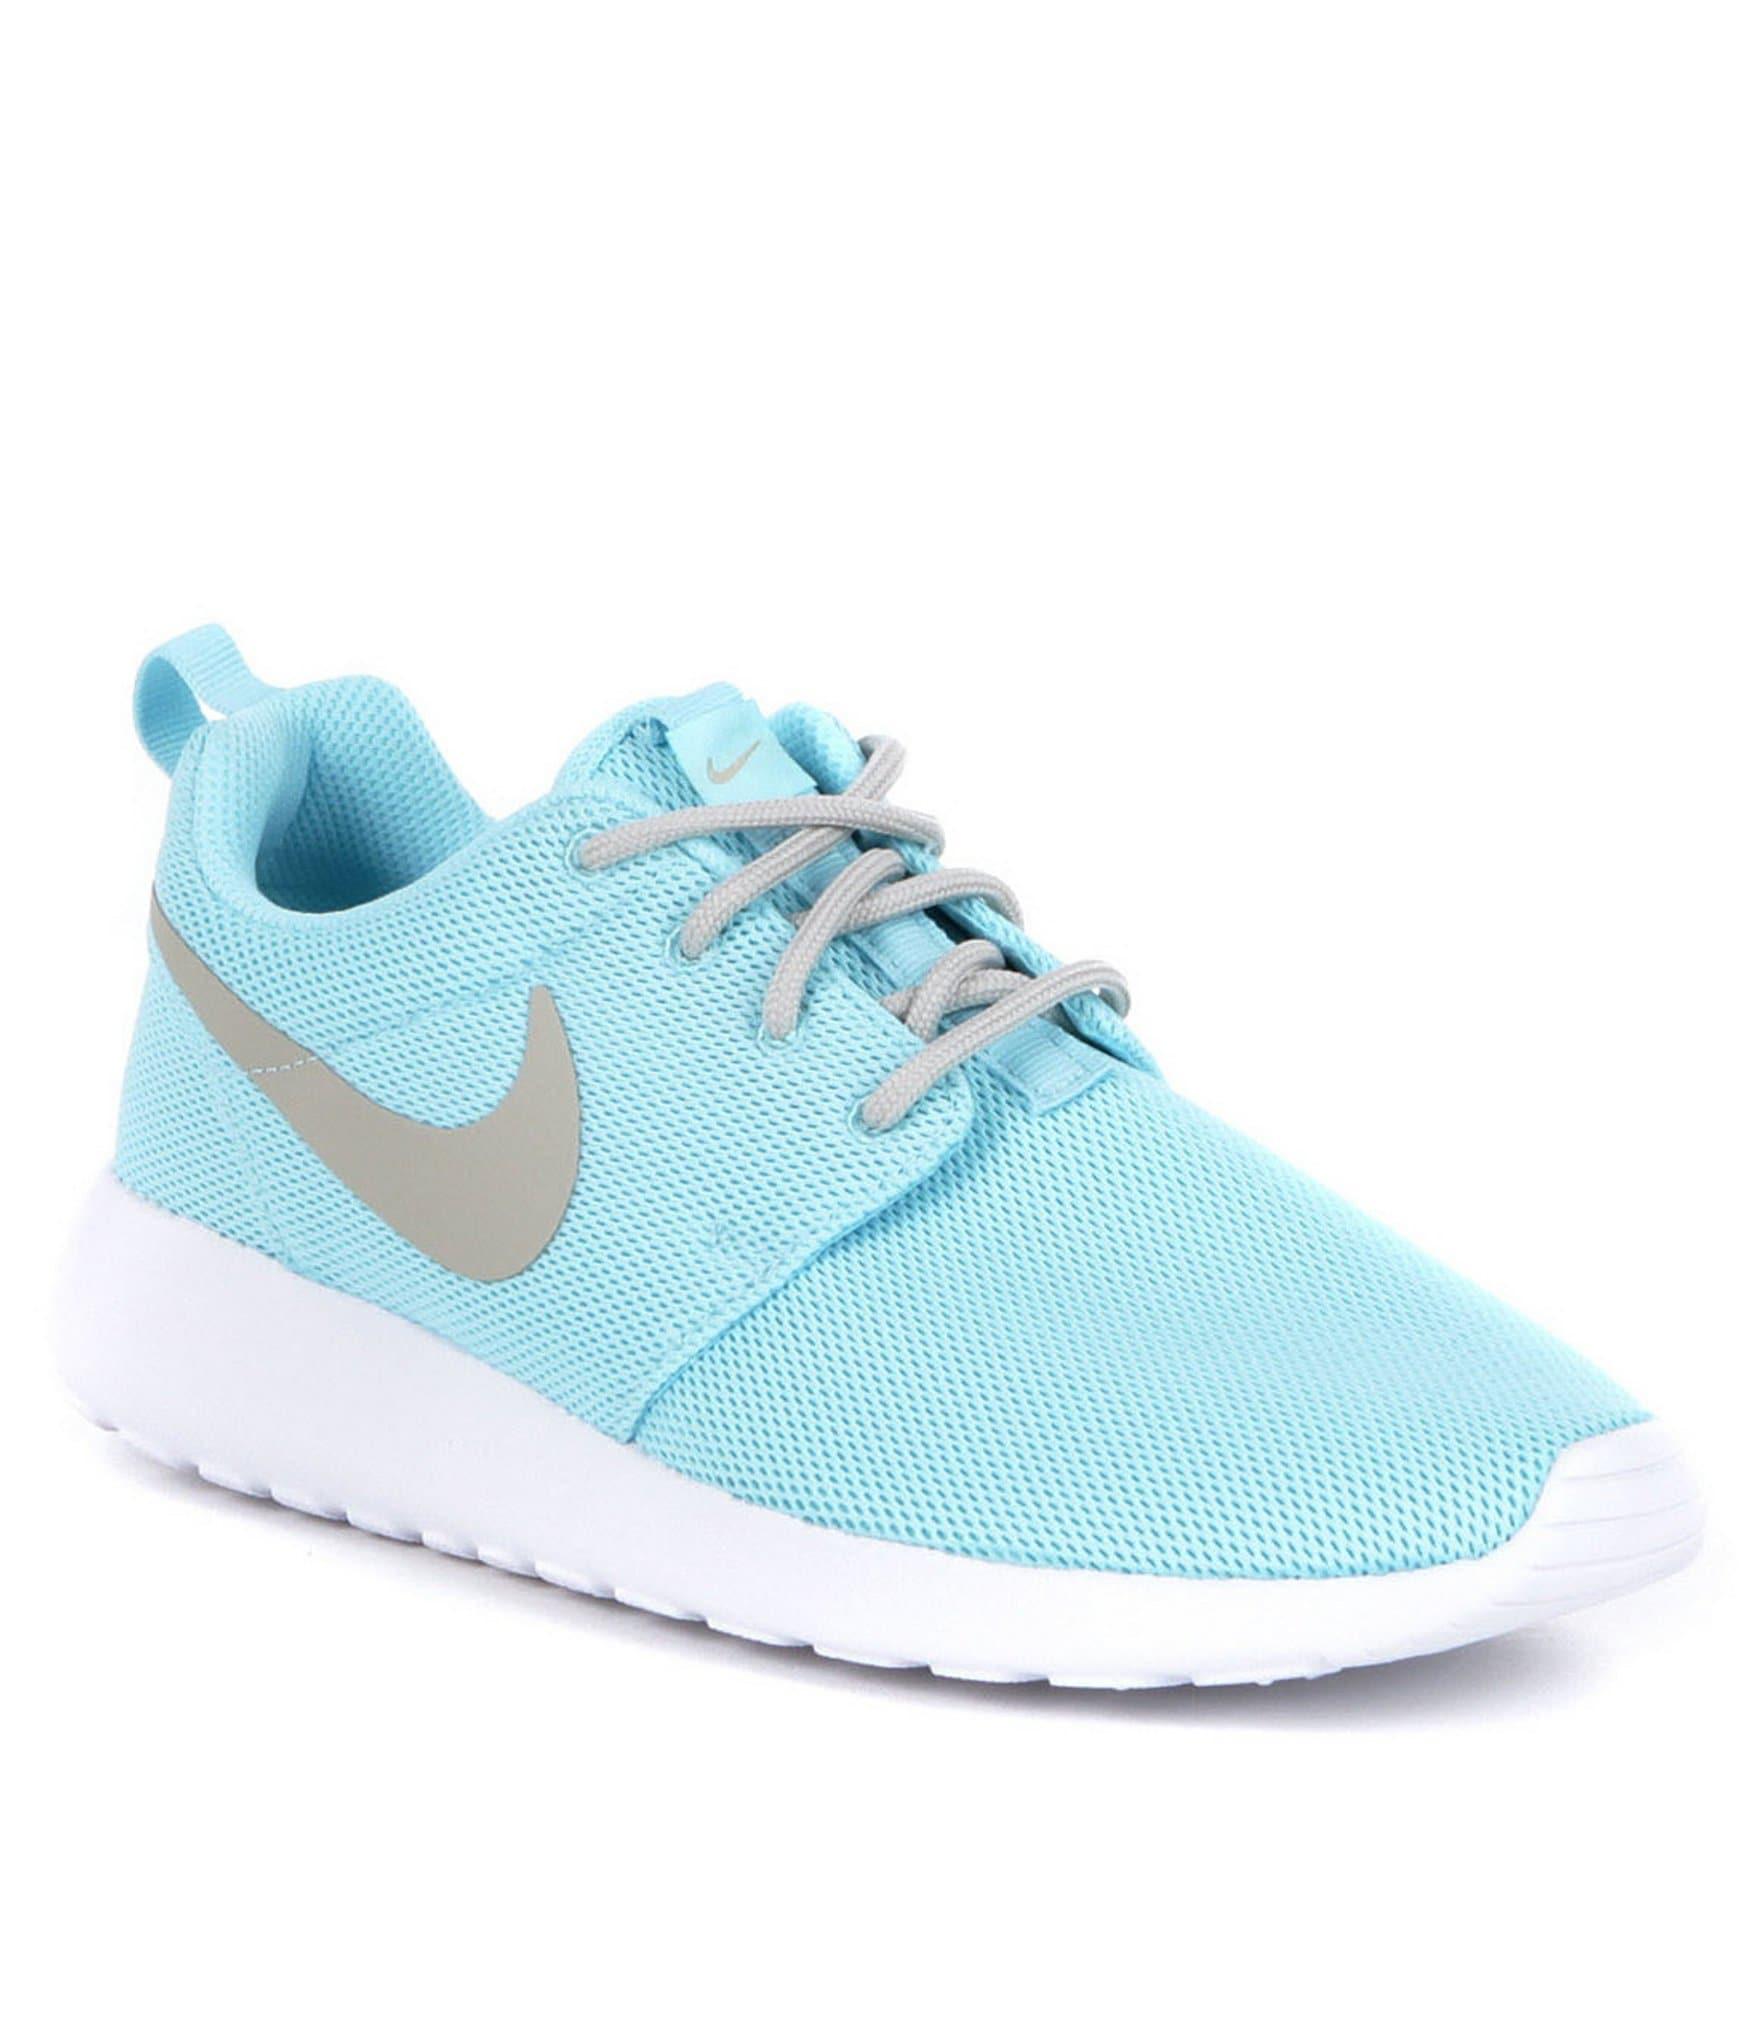 Nike Sneakers For Women Roshe